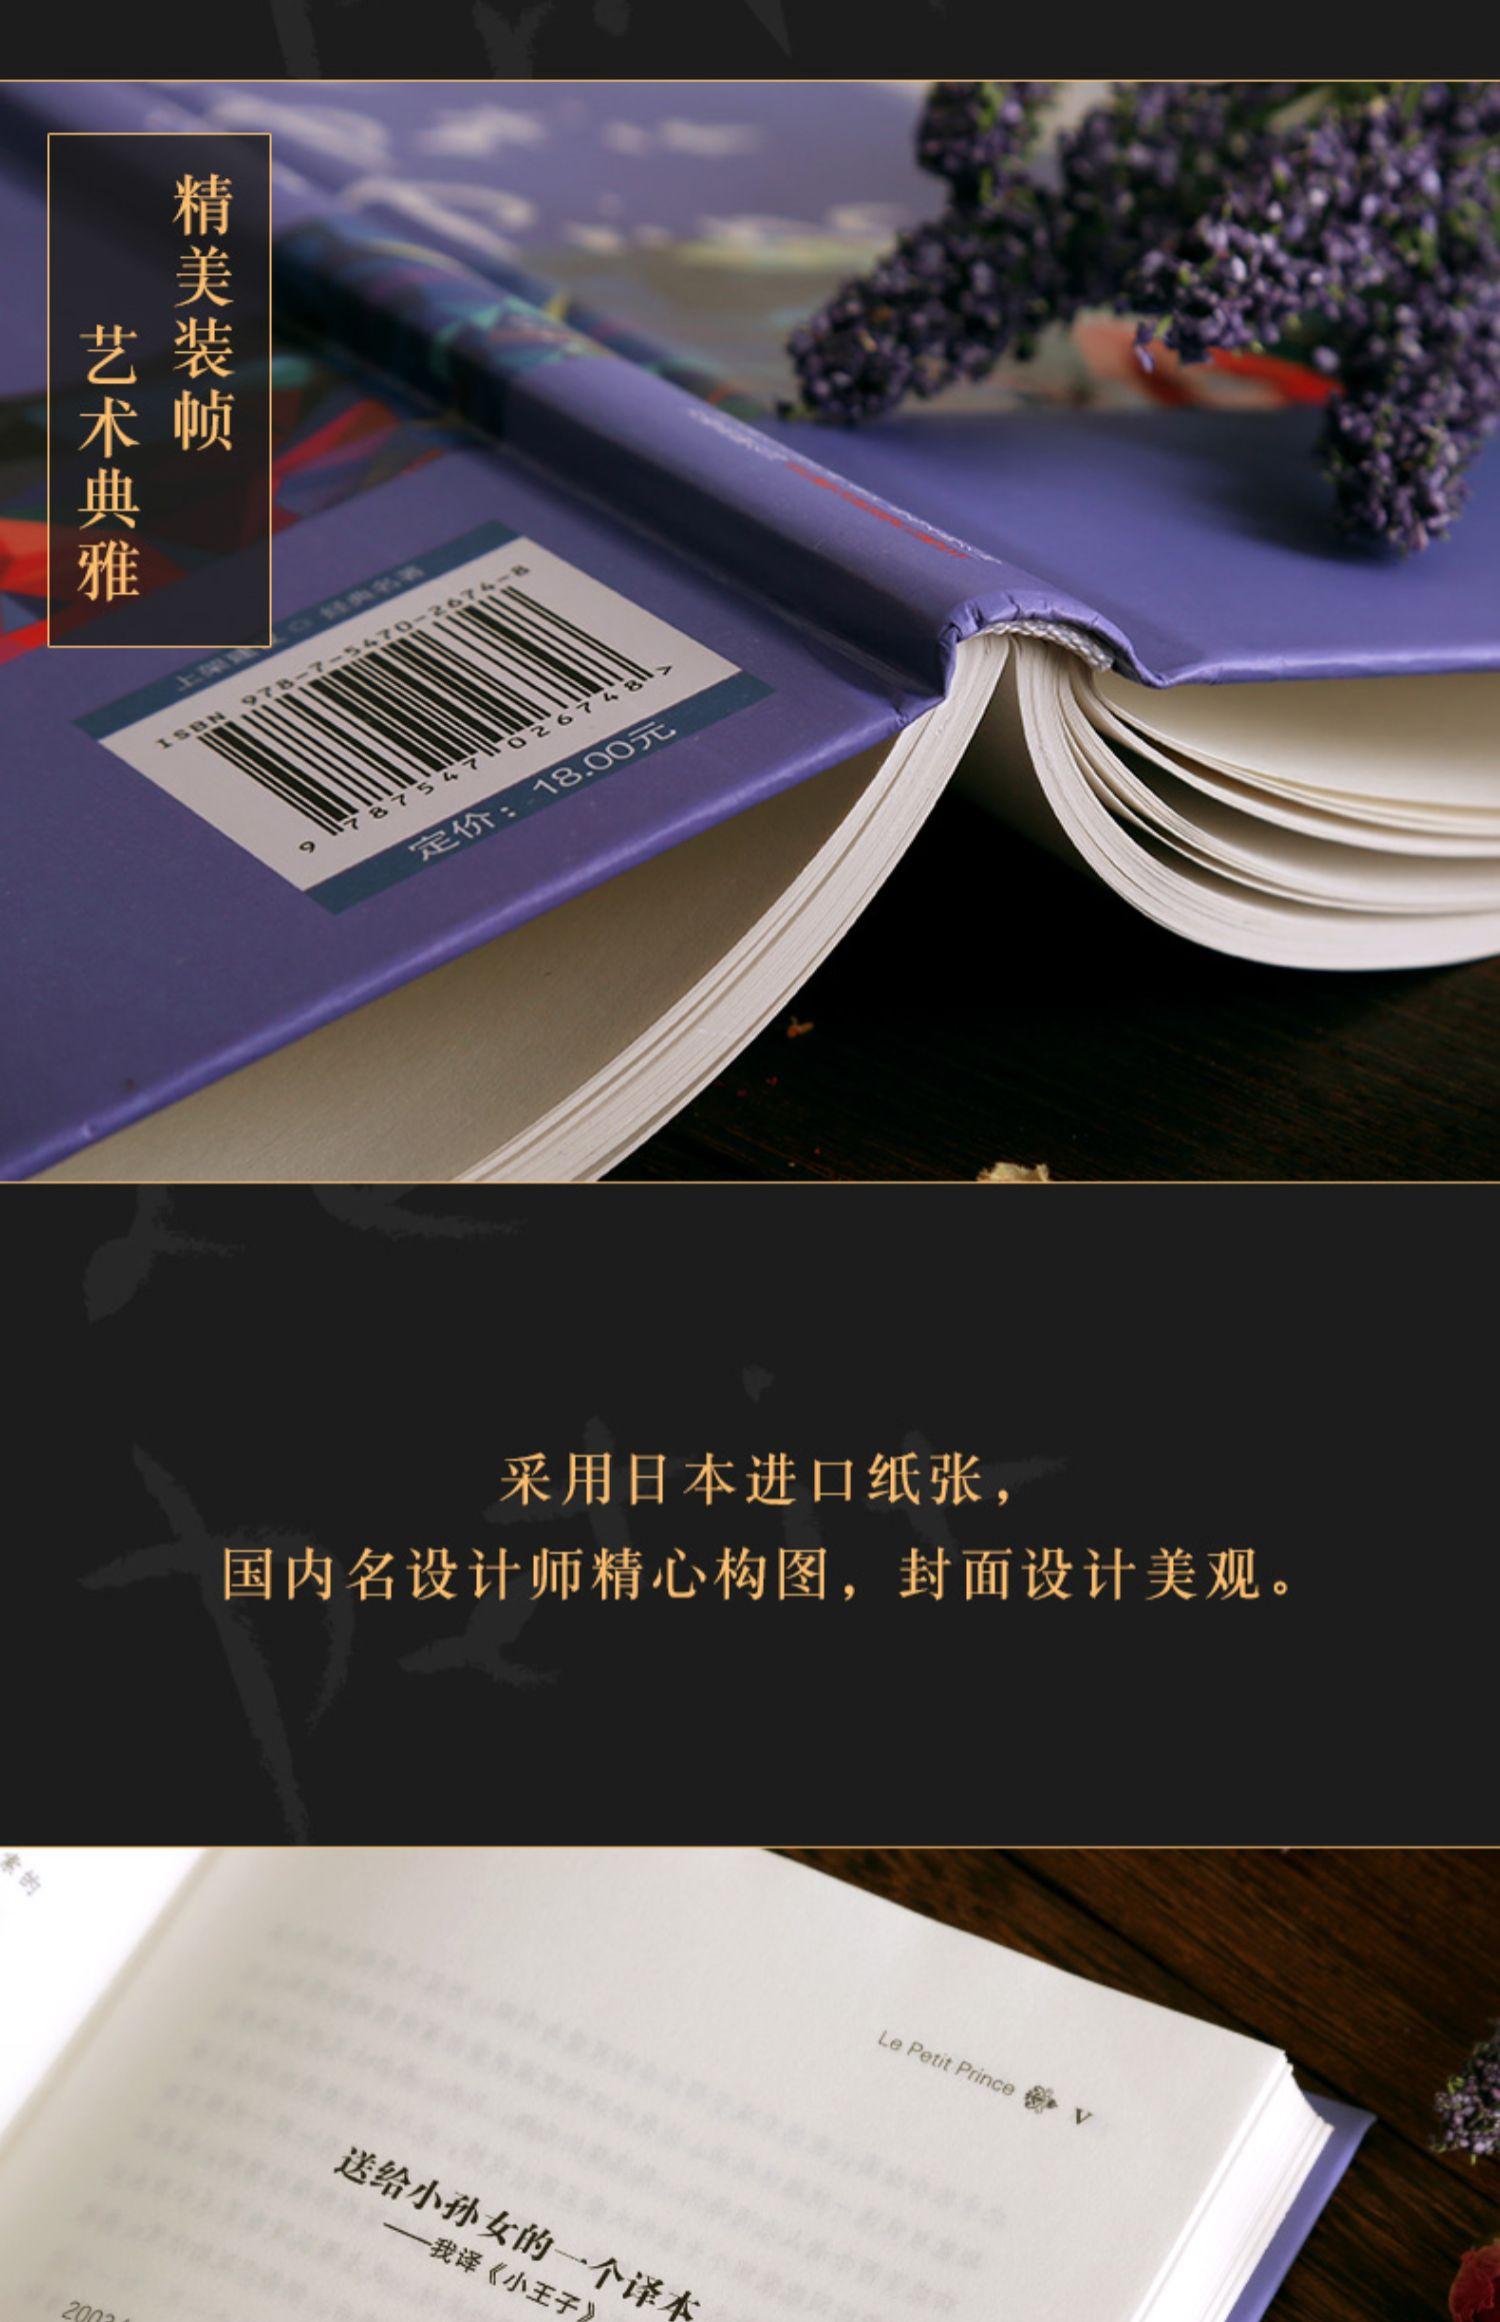 《小王子》精装珍藏版世界名著必读书